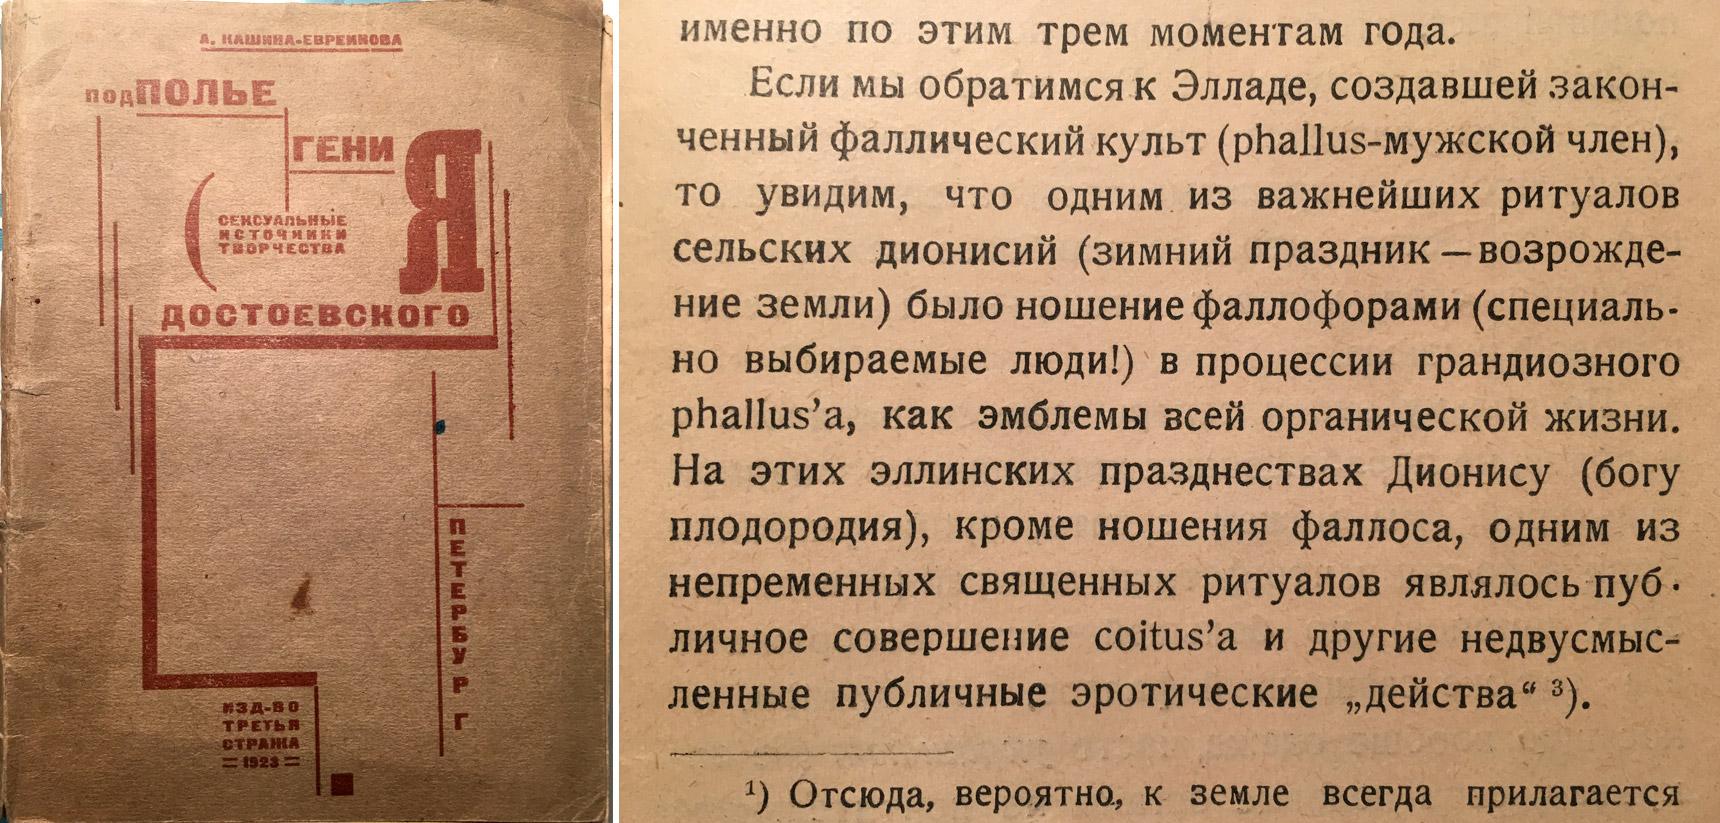 К аукциону «Литфонда» 27 июля